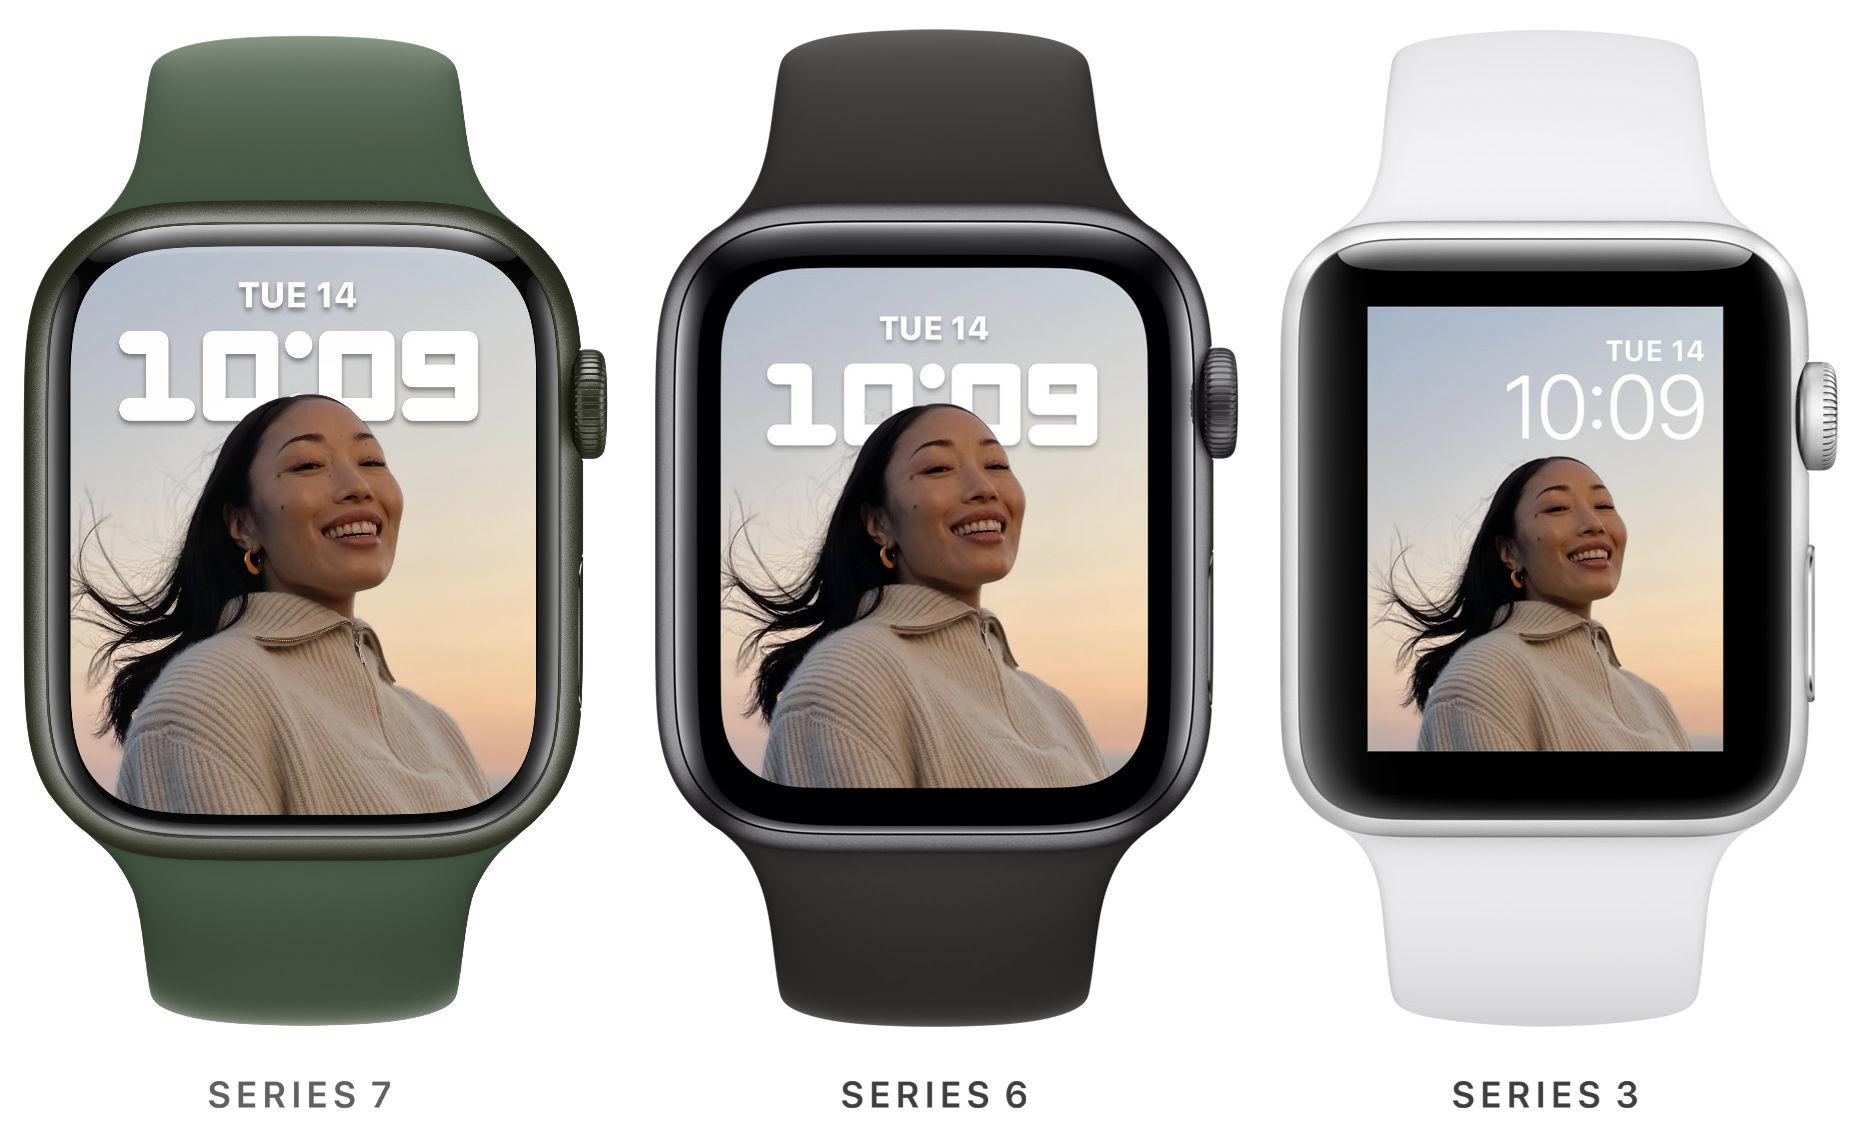 ontop.vn apple watch series 7 vs series 6 vs series 3